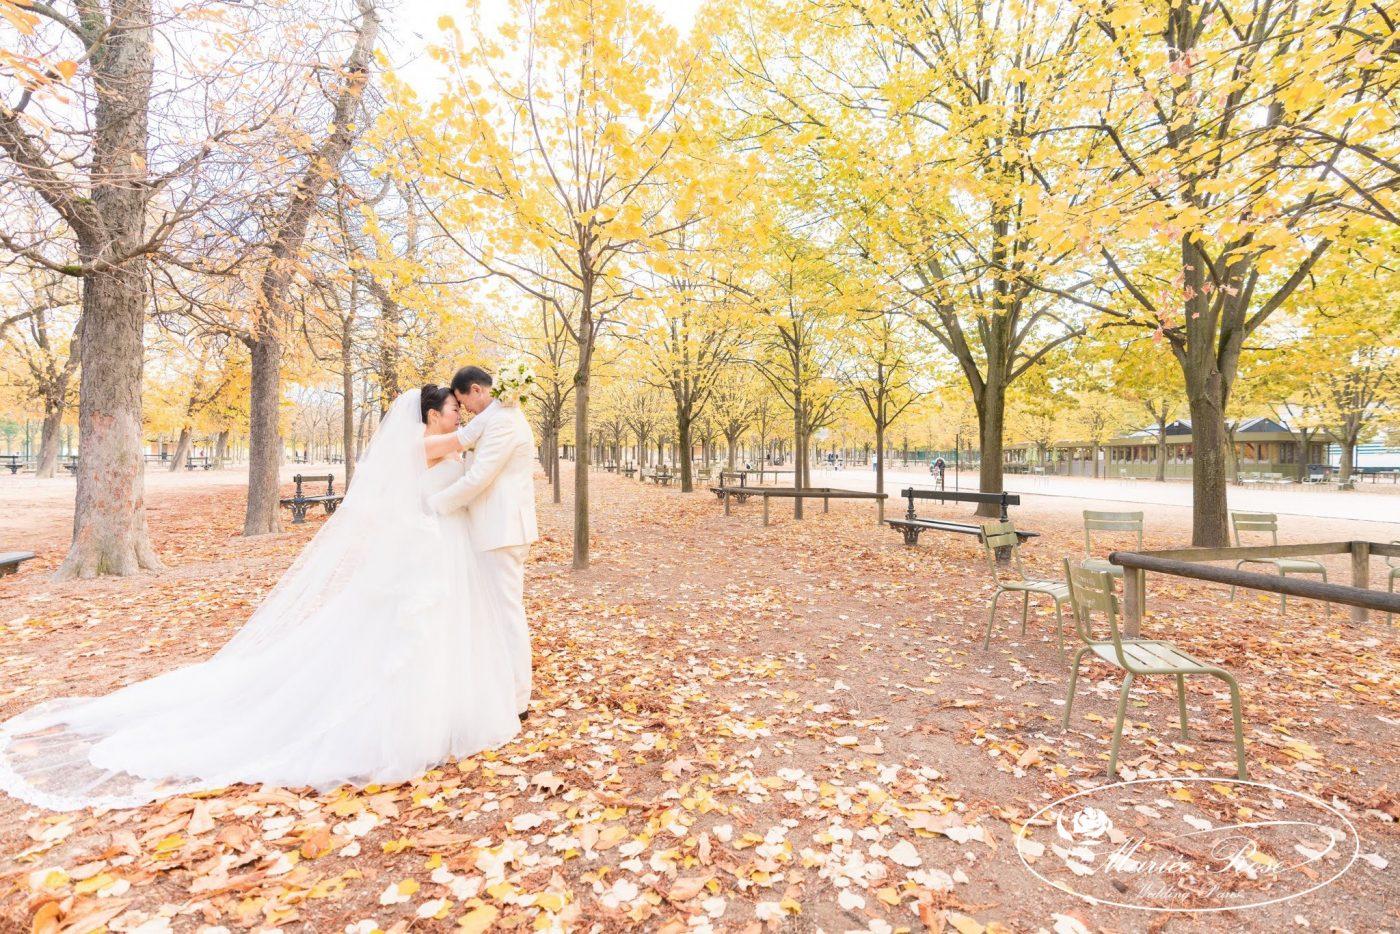 リュクサンブール公園,秋のパリ,パリフォトウェディング